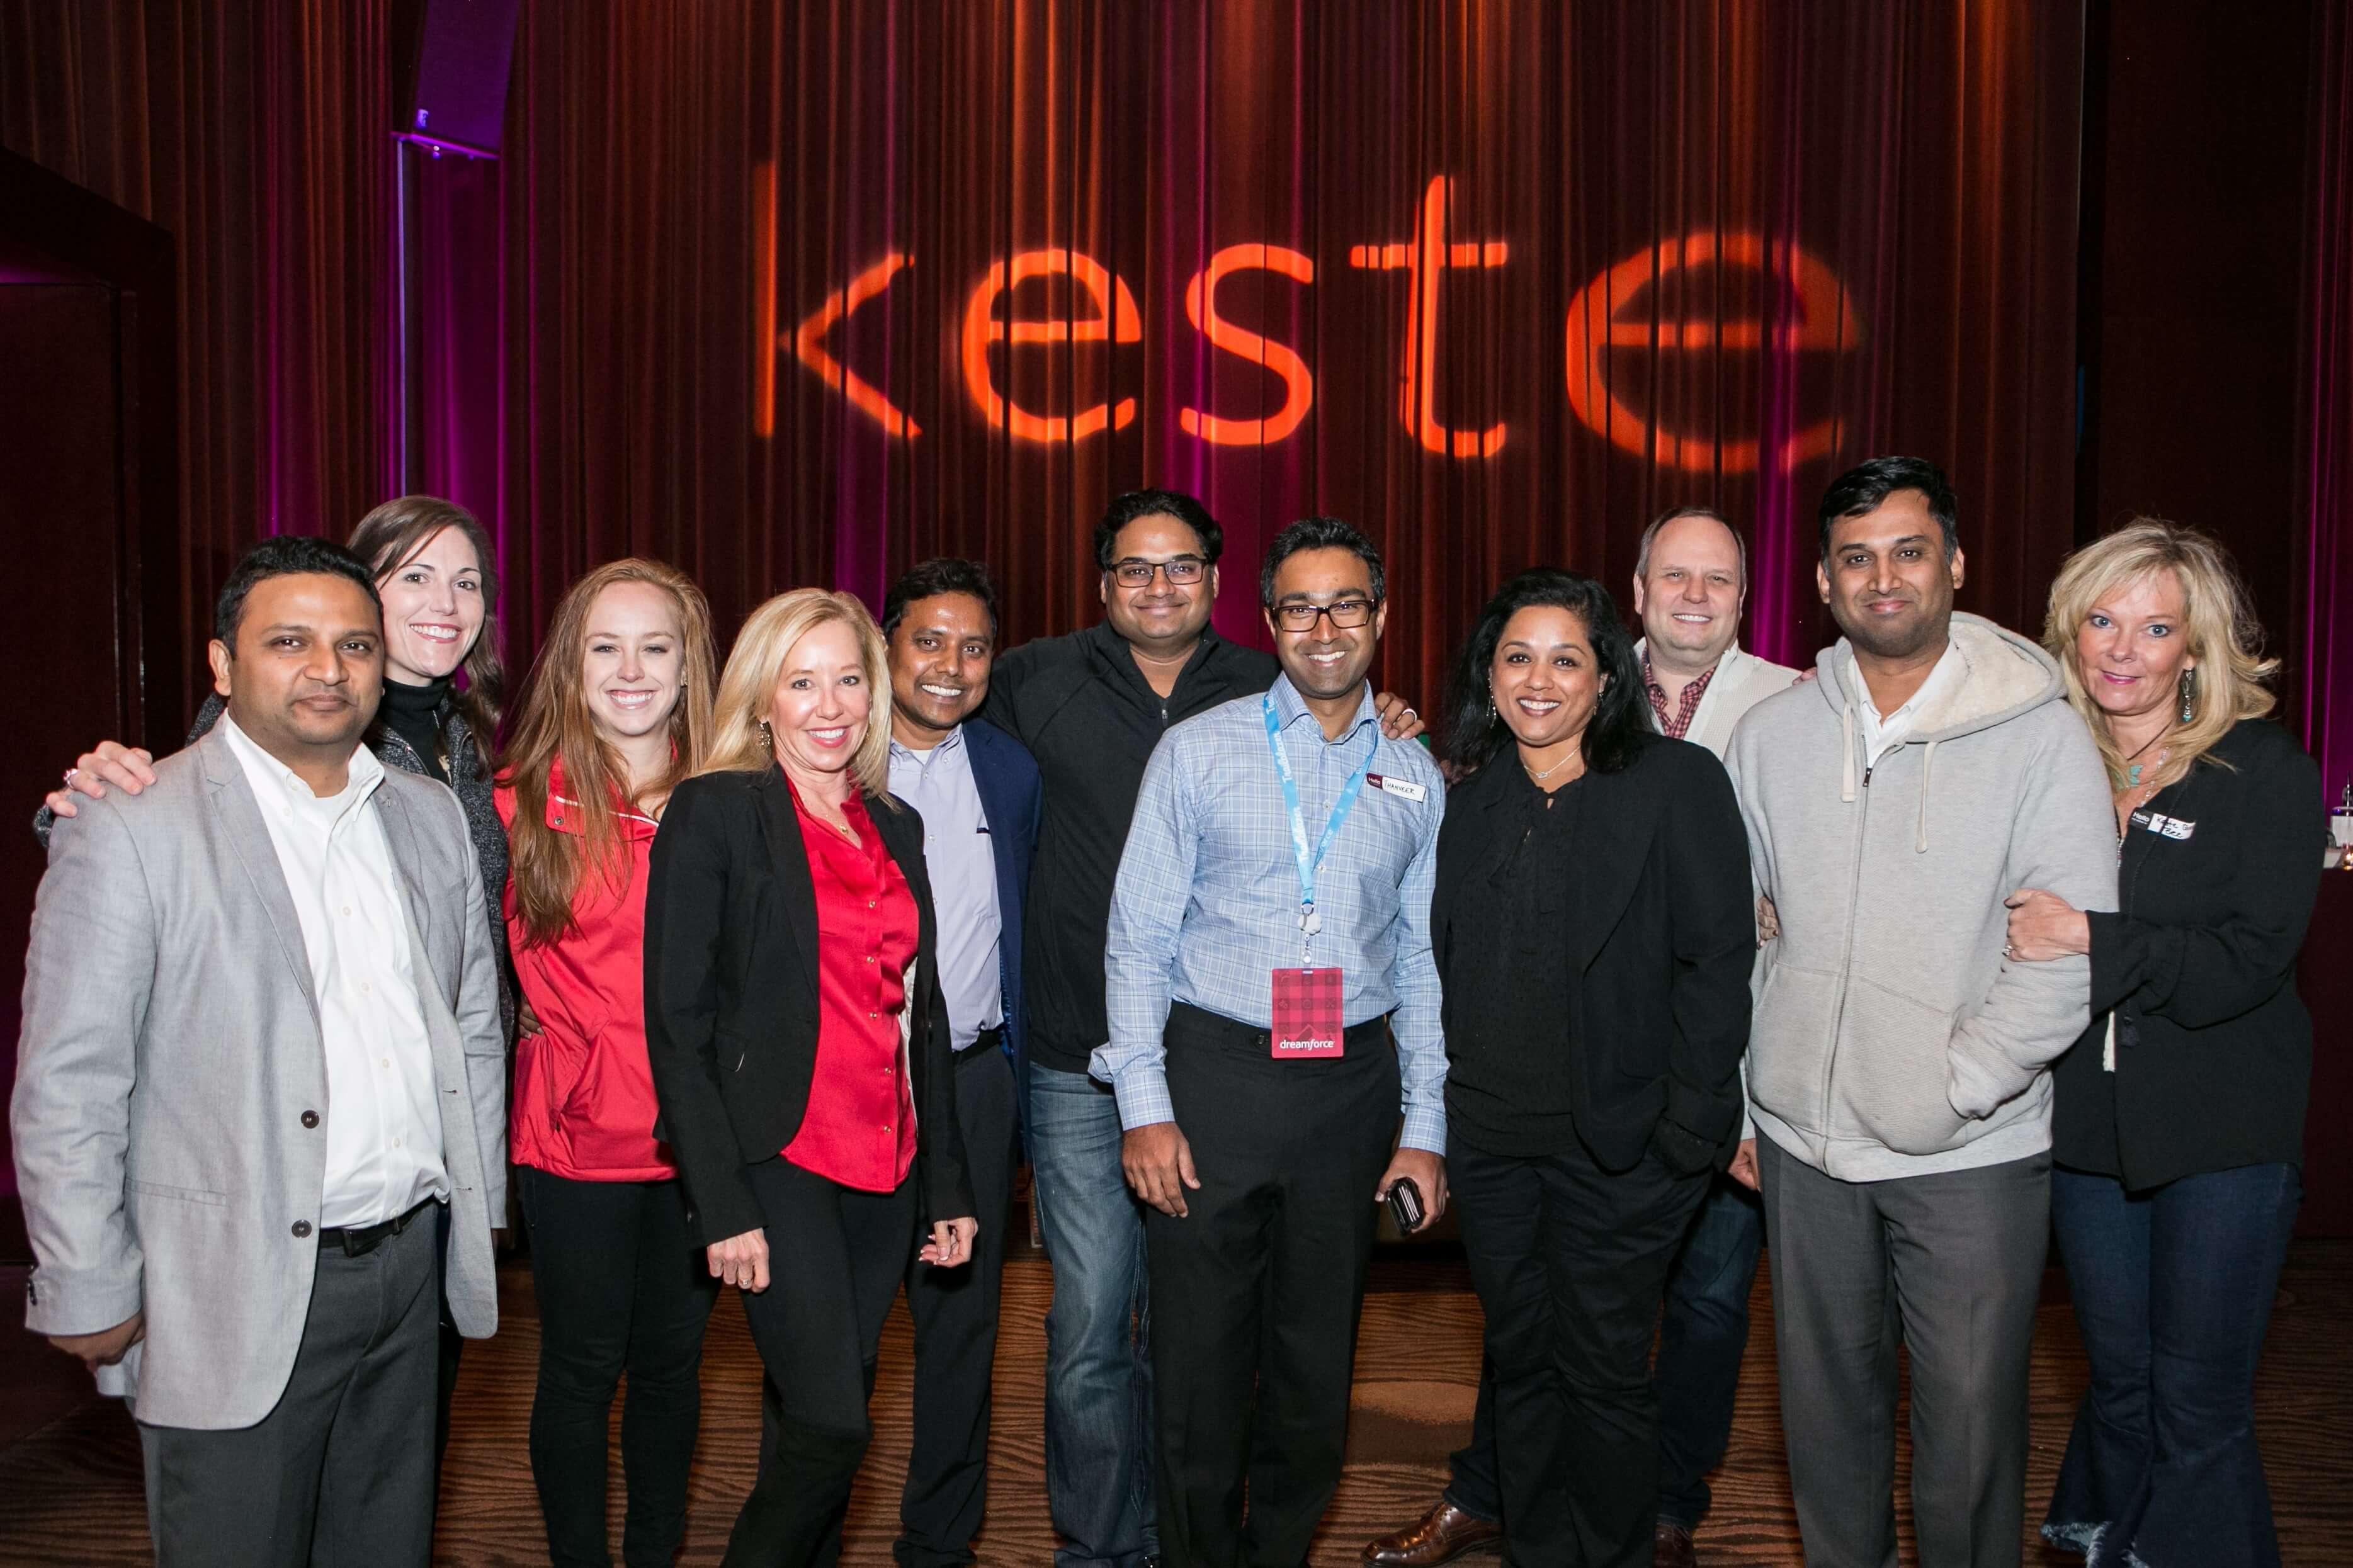 keste-team-velvet-room-pic